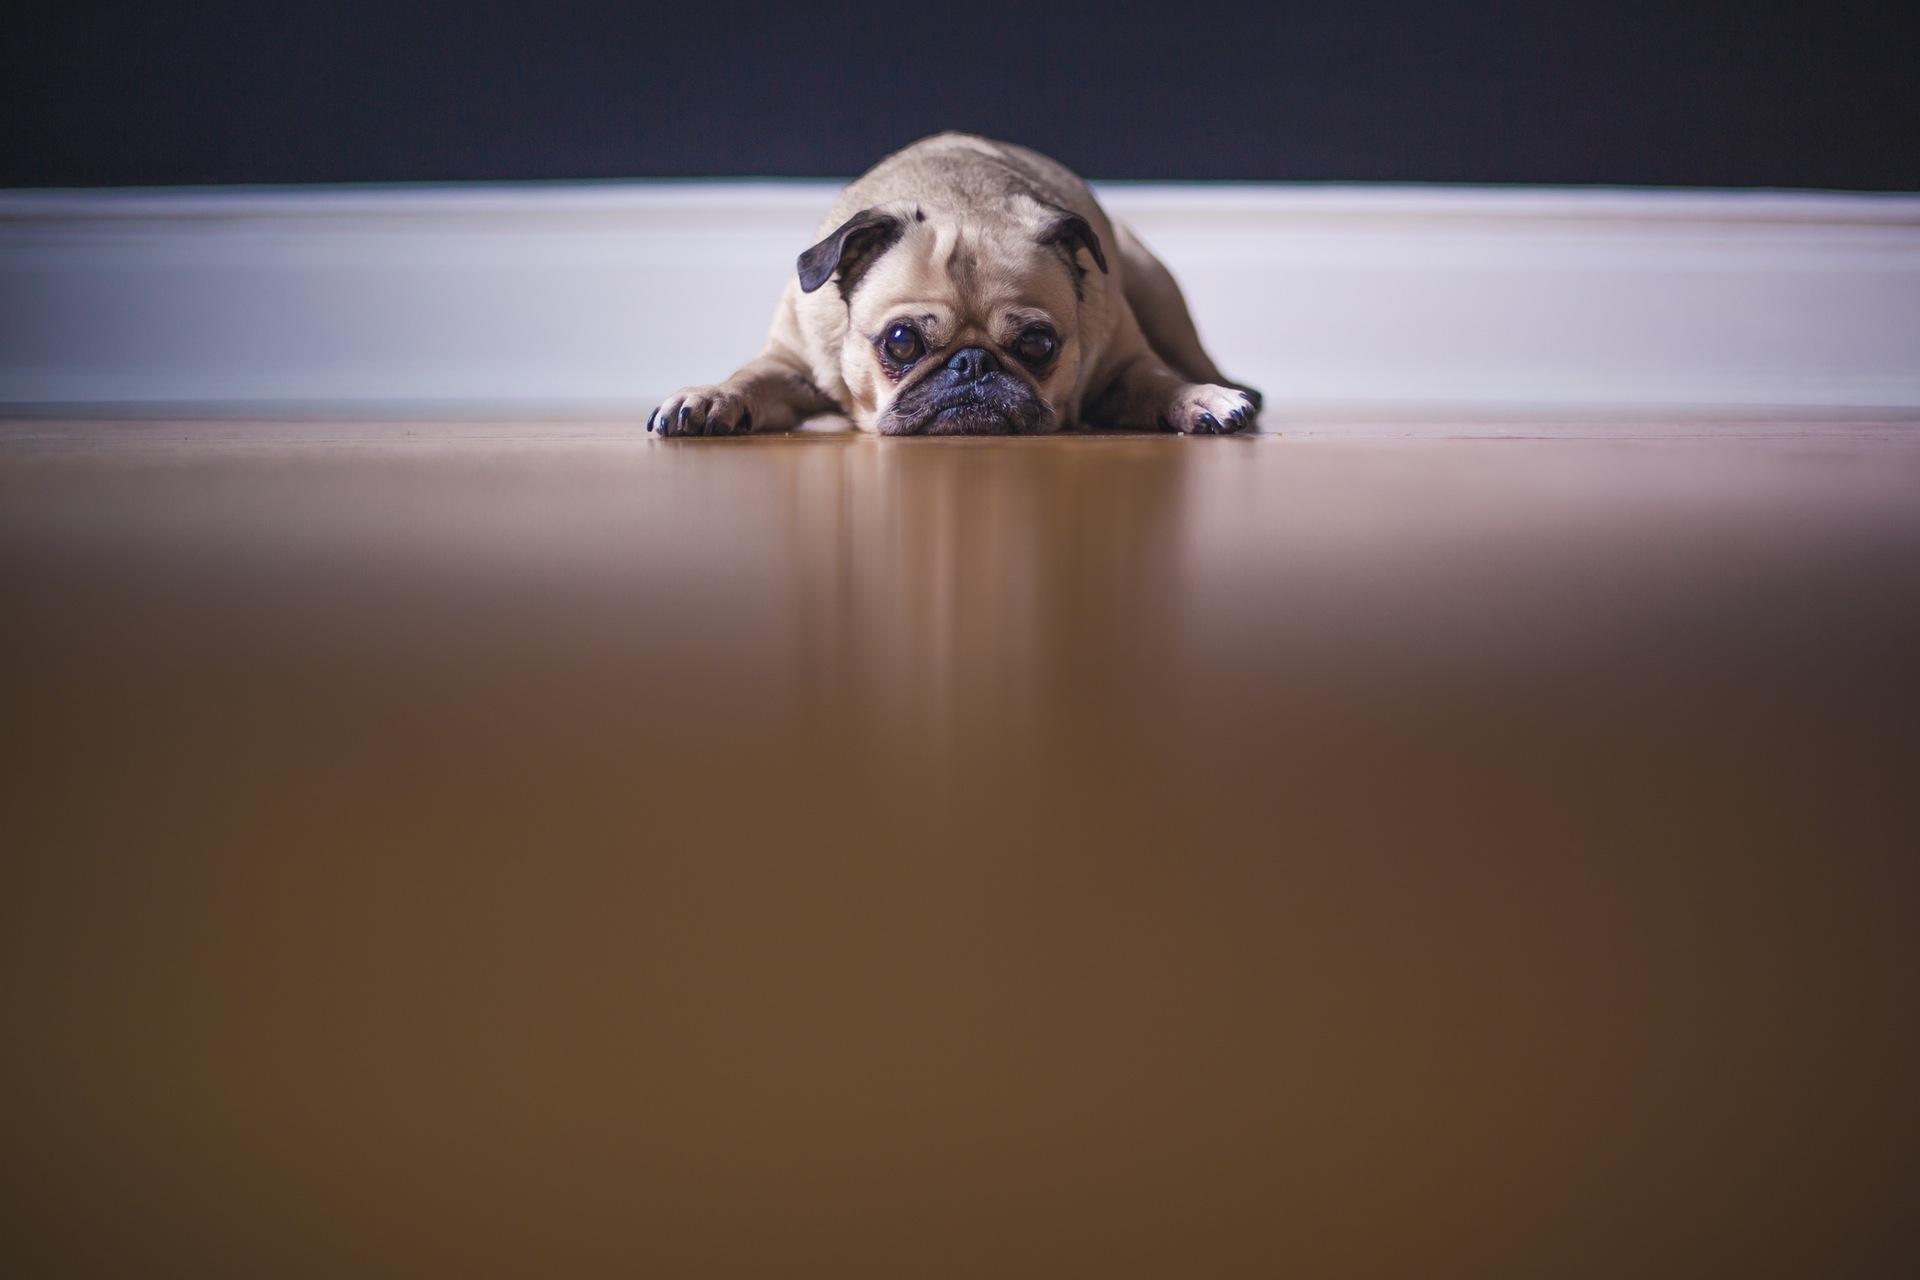 狗, 看看, 累了, 柔情, 朋友, 宠物 - 高清壁纸 - 教授-falken.com